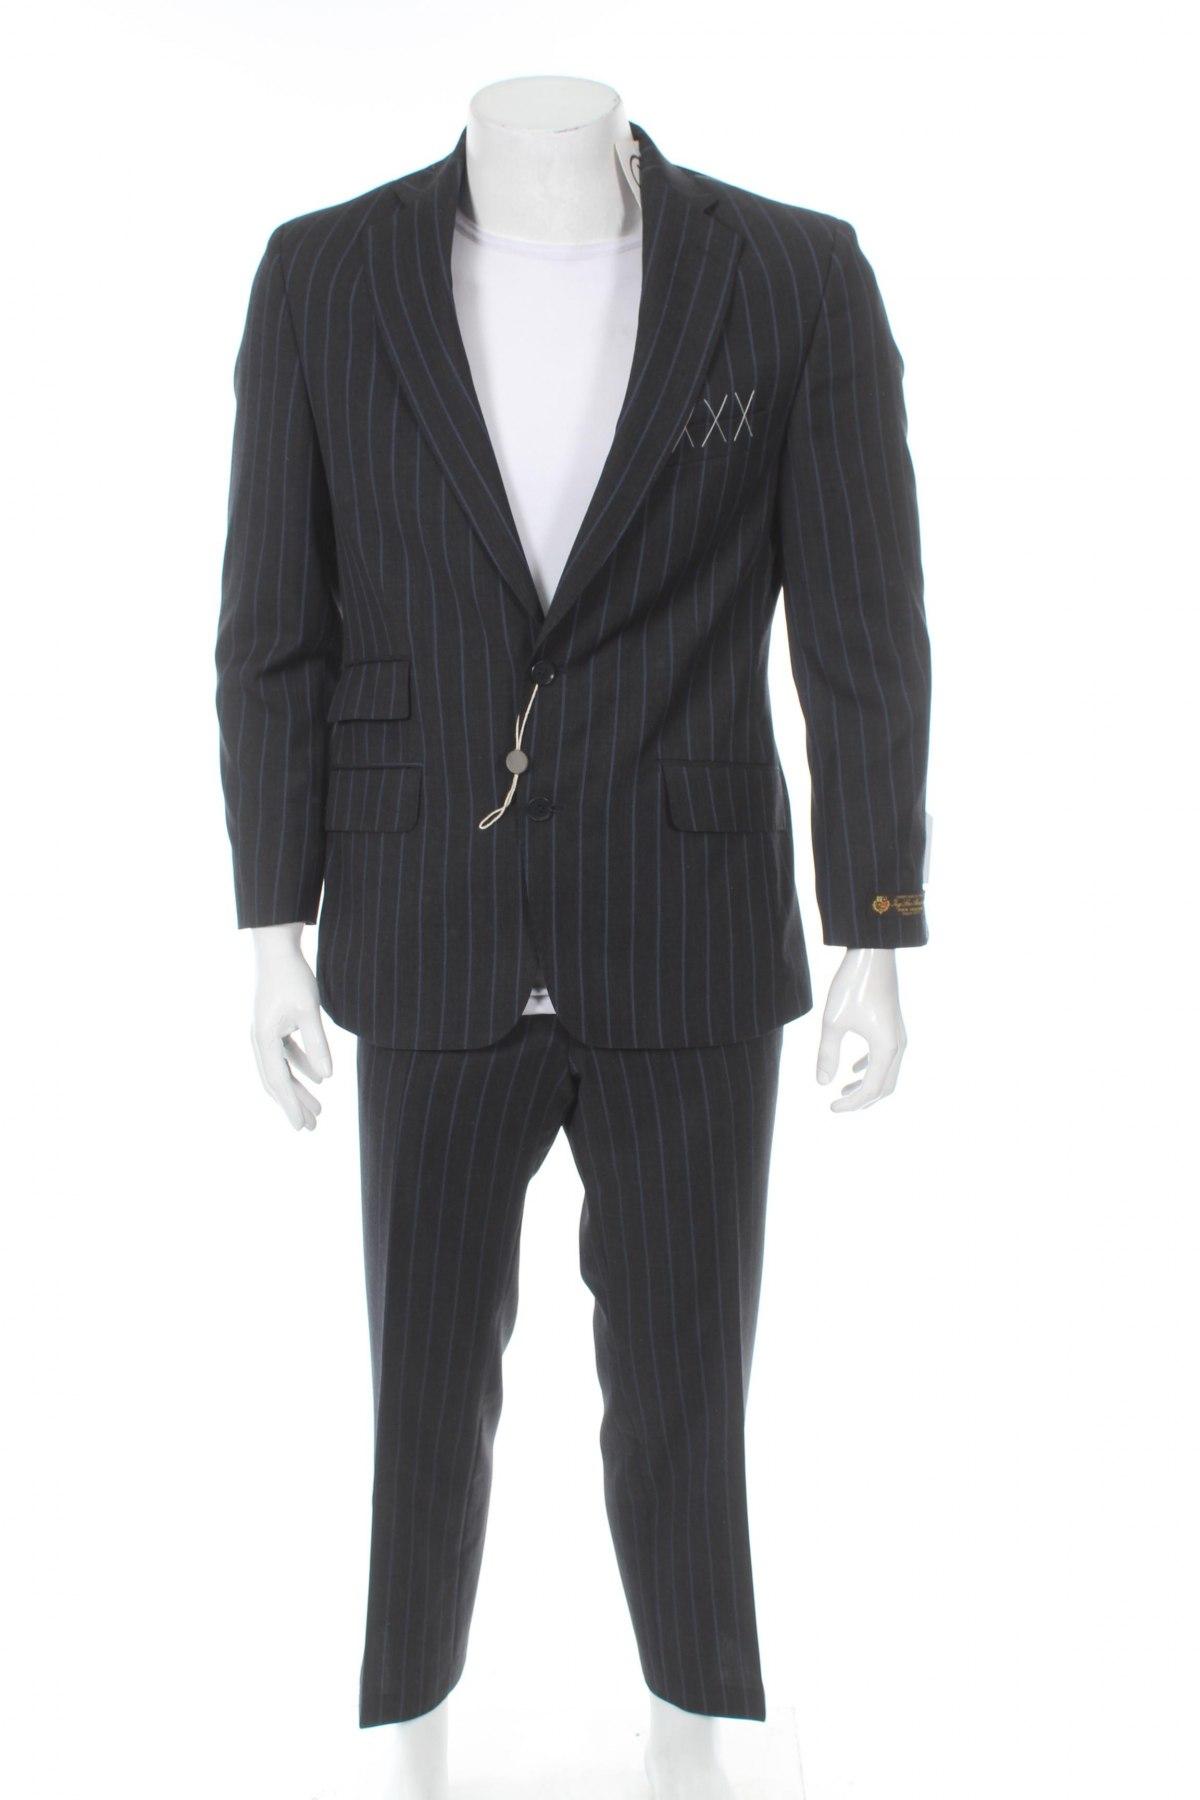 Ανδρικό κοστούμι Henry Jermyn